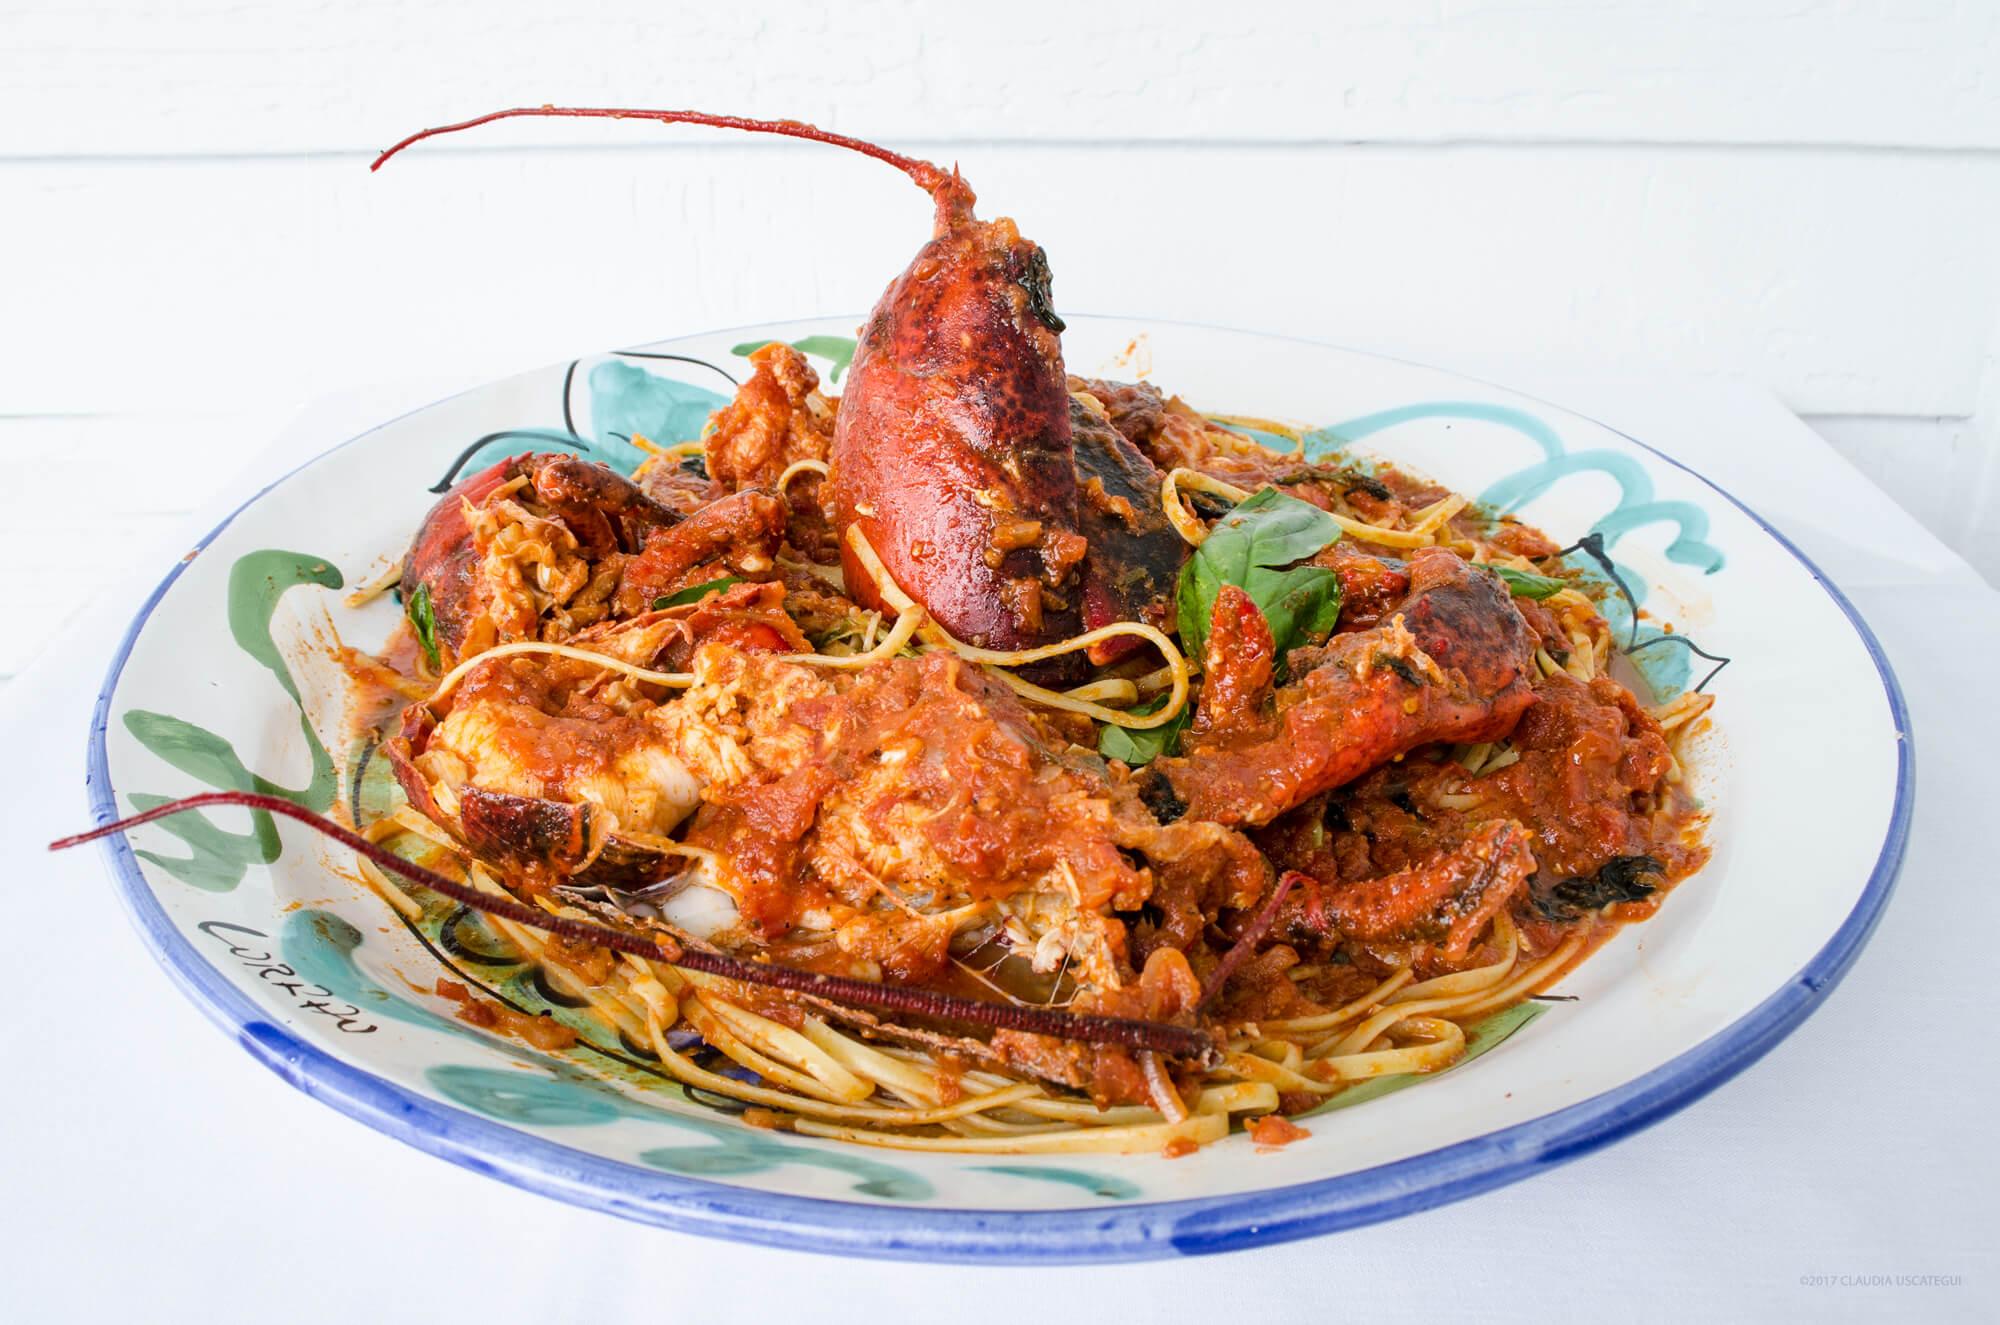 Lobster Fra Diavolo, iL Giardino Aquebogue, NY